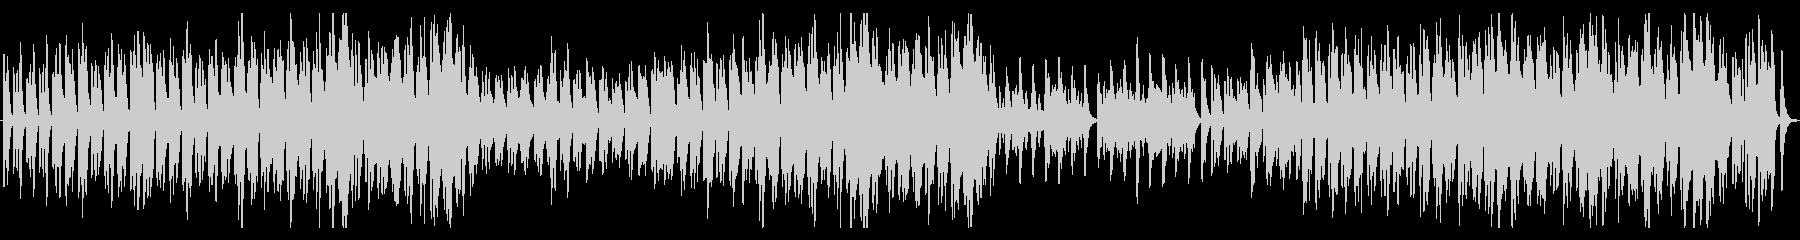 篠笛とオーケストラの幻想的なBGMの未再生の波形